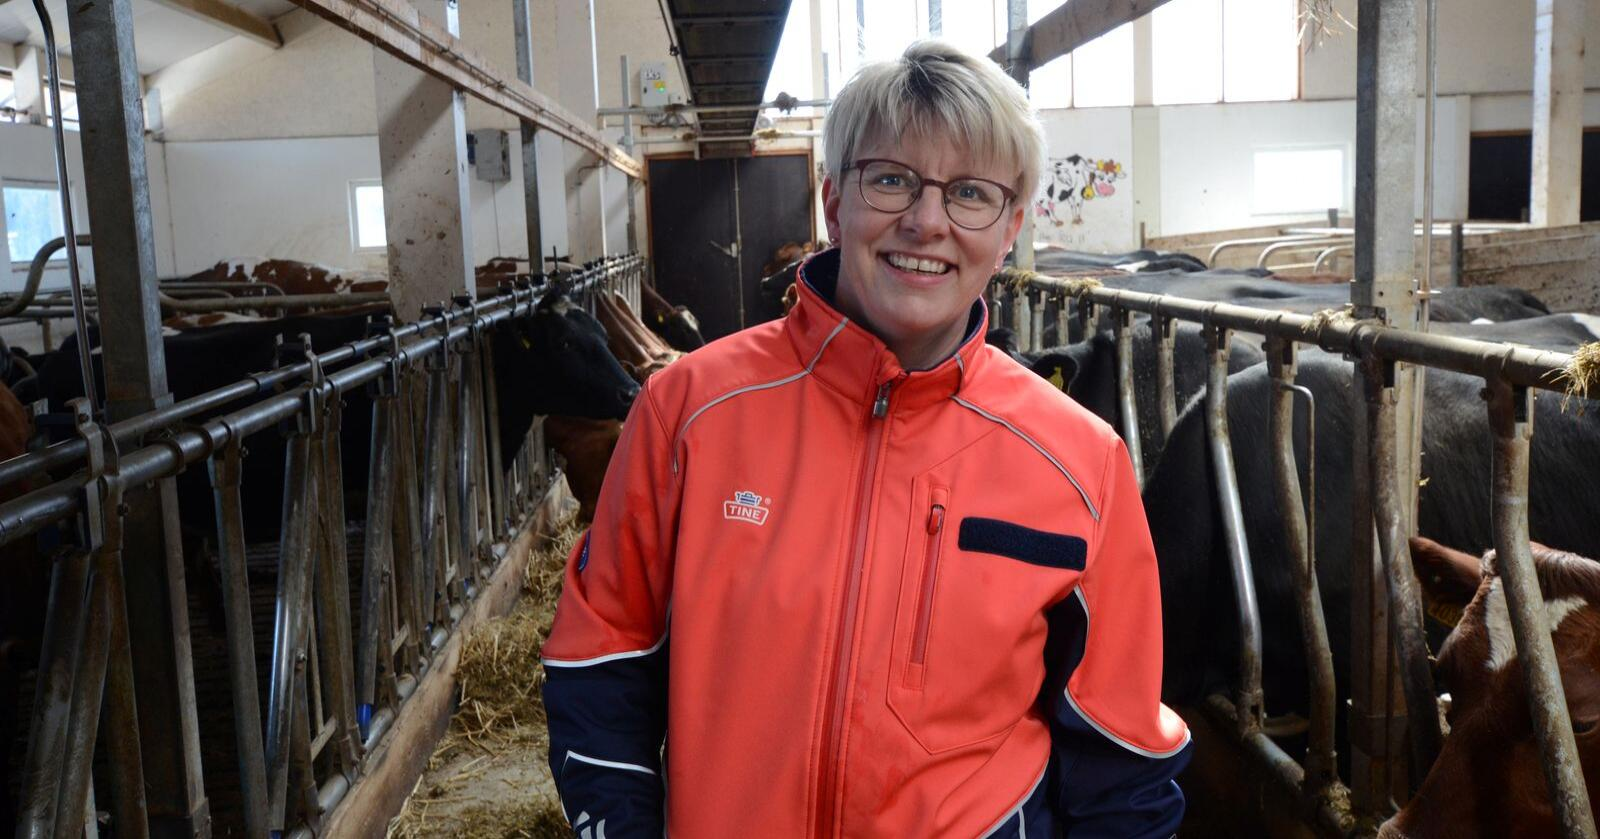 STYRELEDER: Marit Haugen er styreleder i Tine. Arkivfoto: Norsk Landbruk